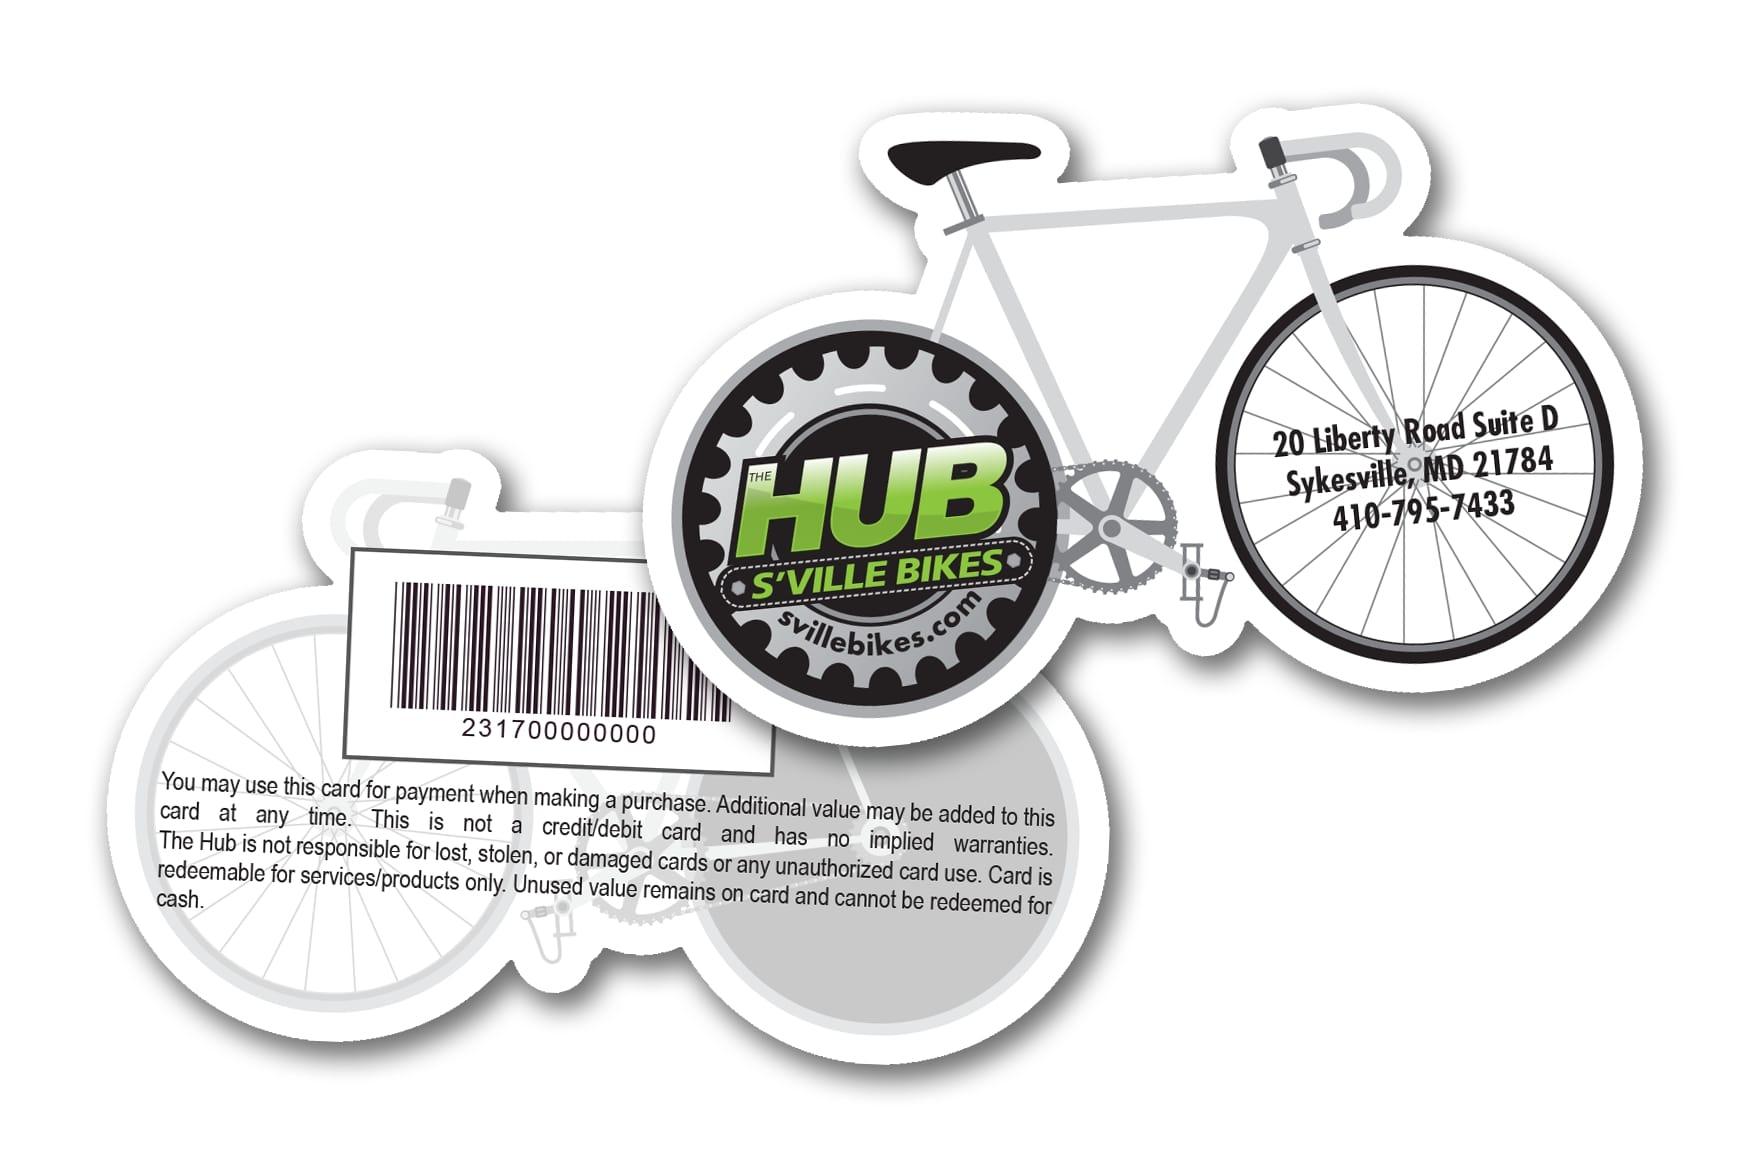 Gift-Card-Barcode-Bike-Shape-SV-Bikes-KT8863-J080821